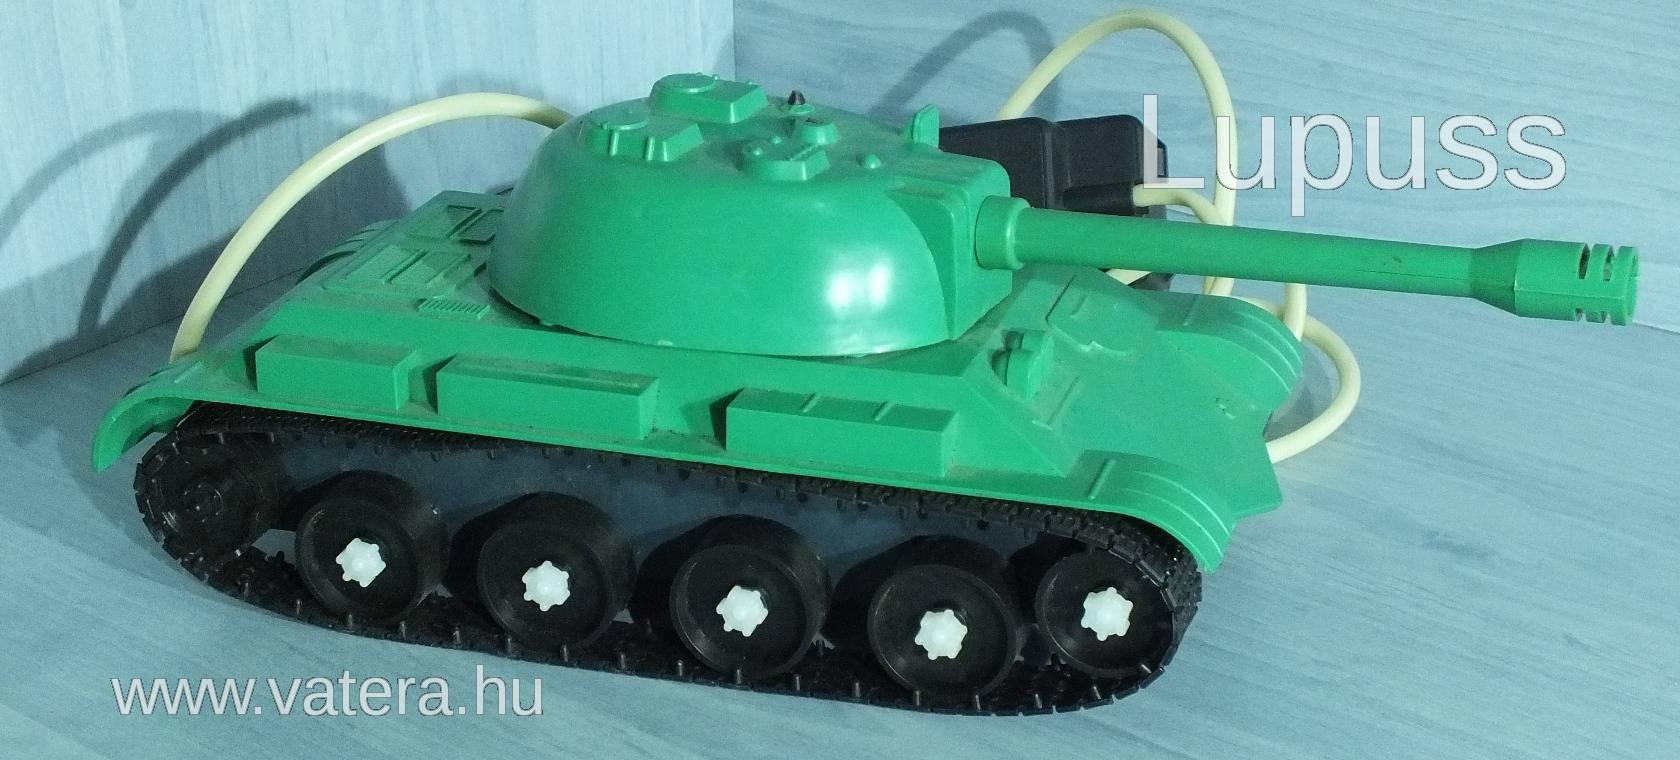 tank-harckocsi-tavos-kabeles-jatek-made-in-ukrajna-szep-allapot-a21a_1_big.jpg